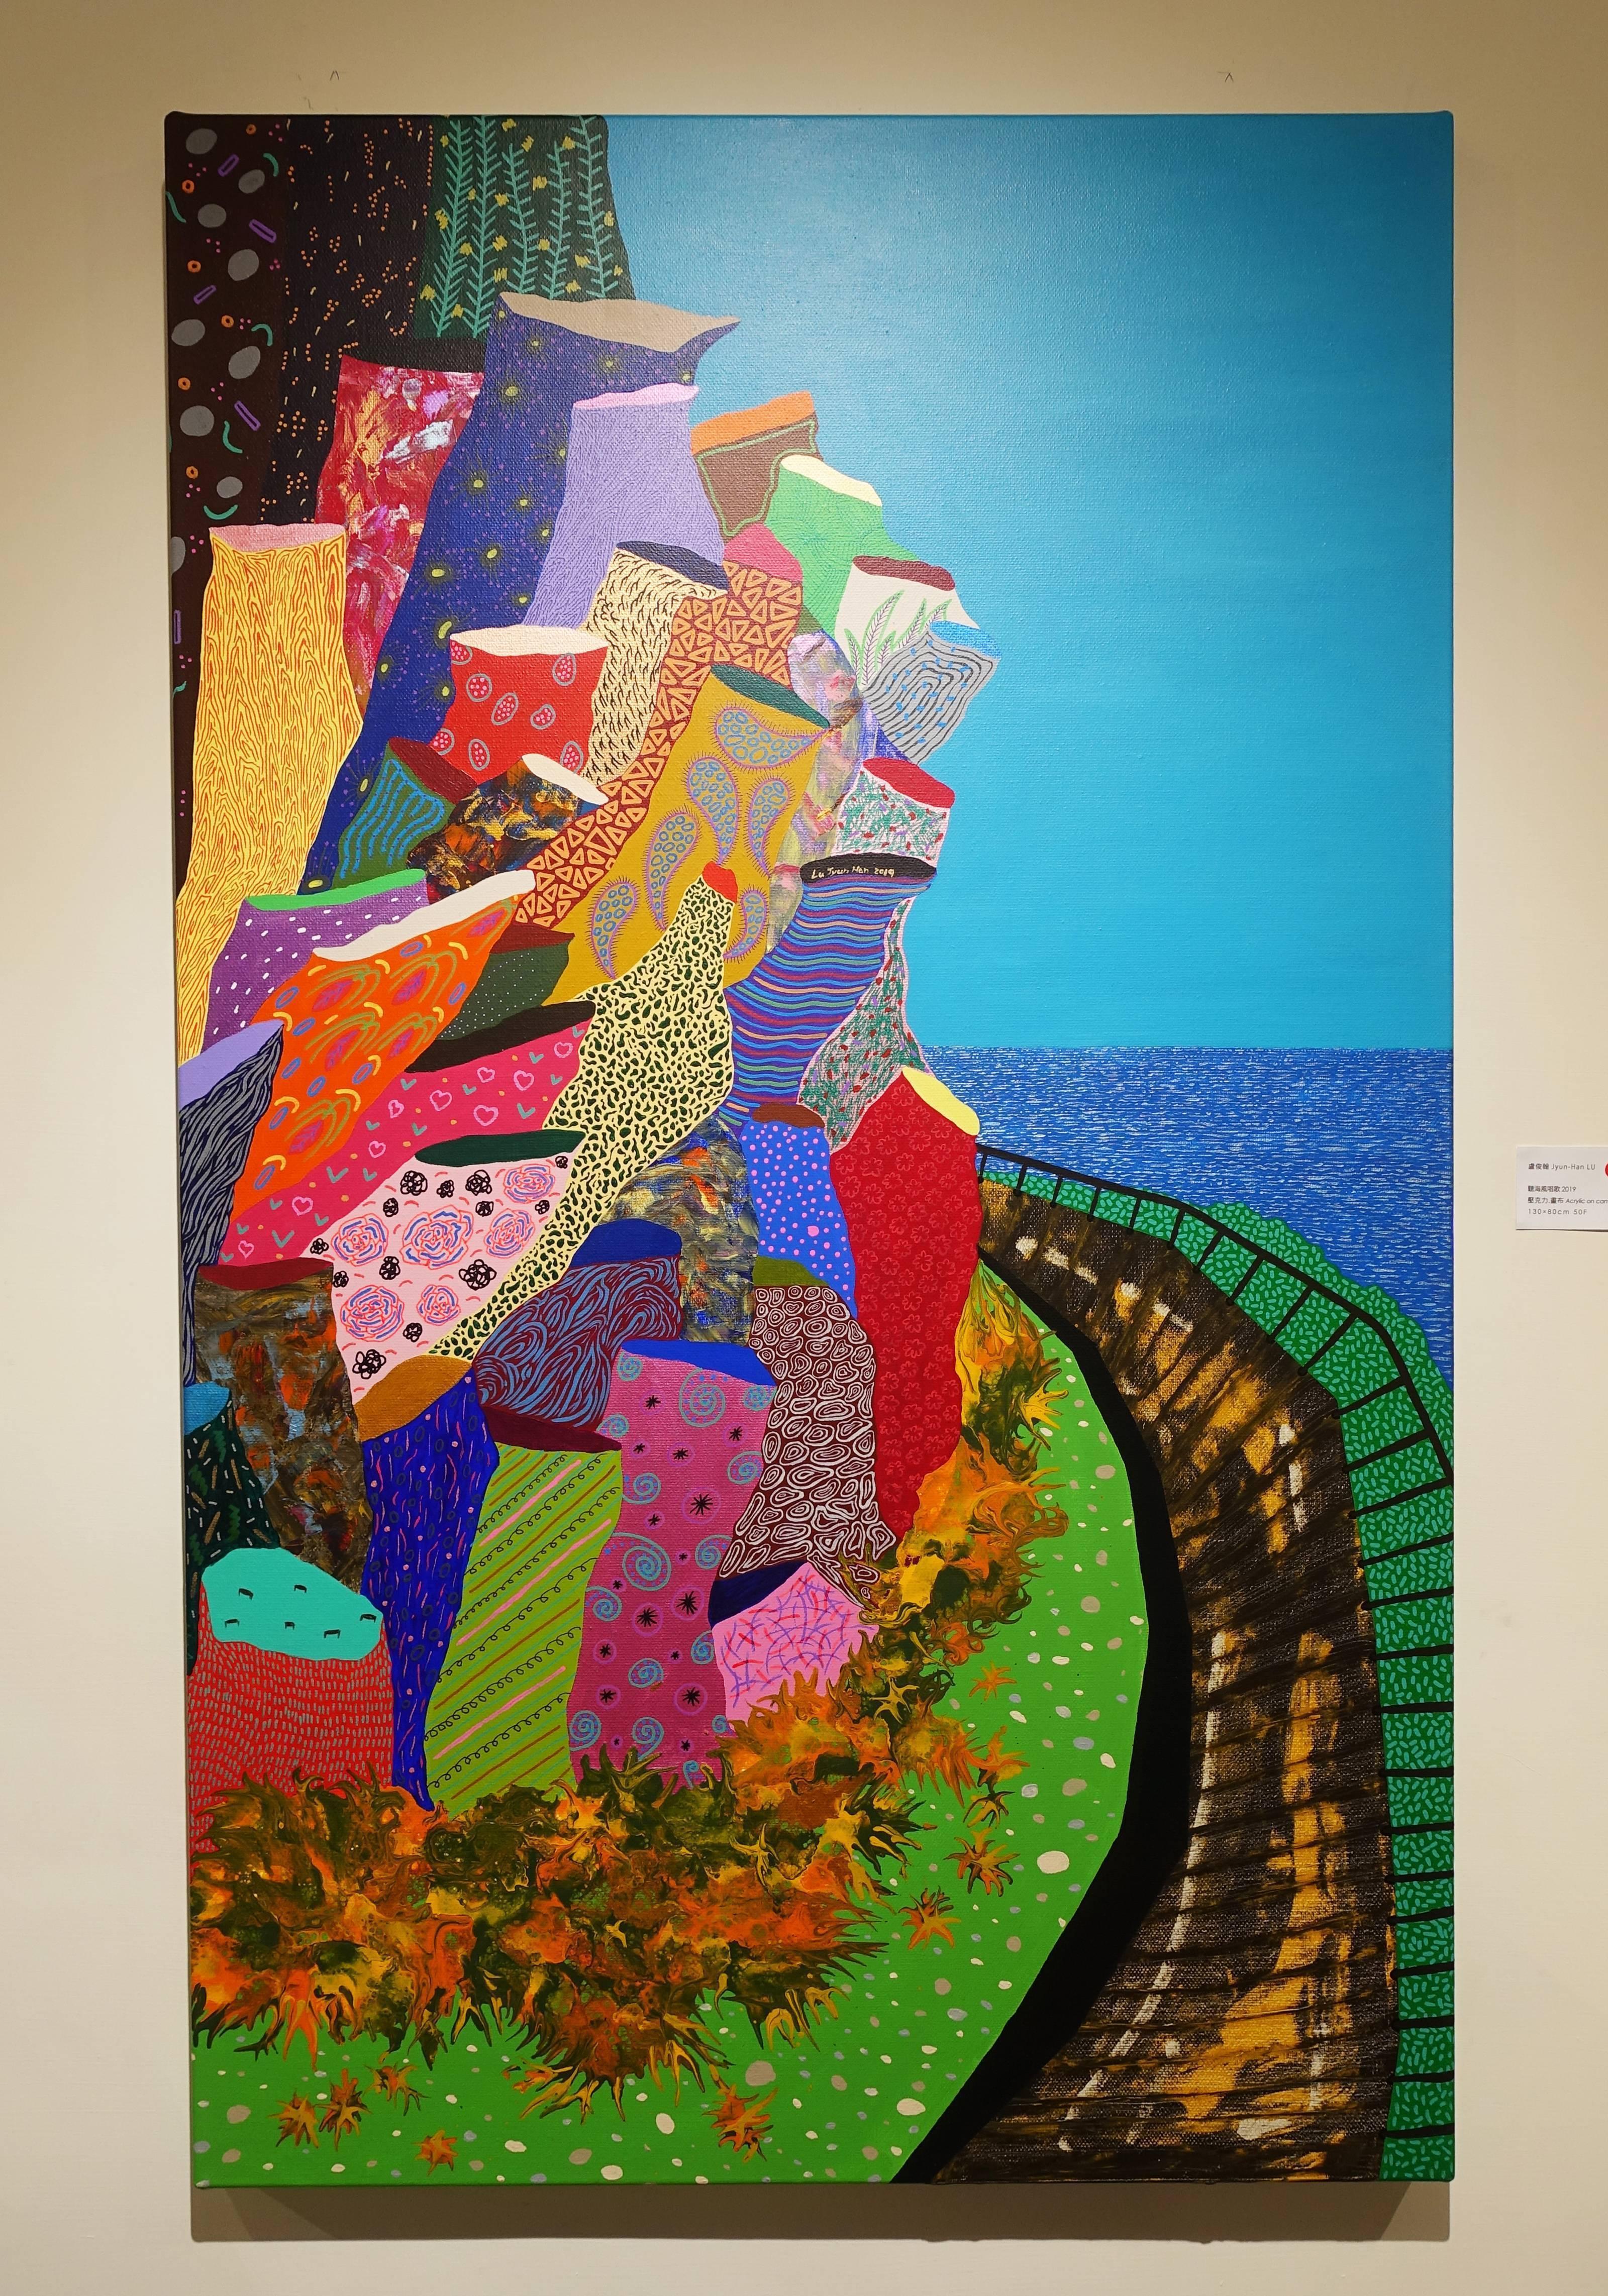 盧俊翰,《聽海風唱歌》,130 x 80 cm,壓克力,2019。